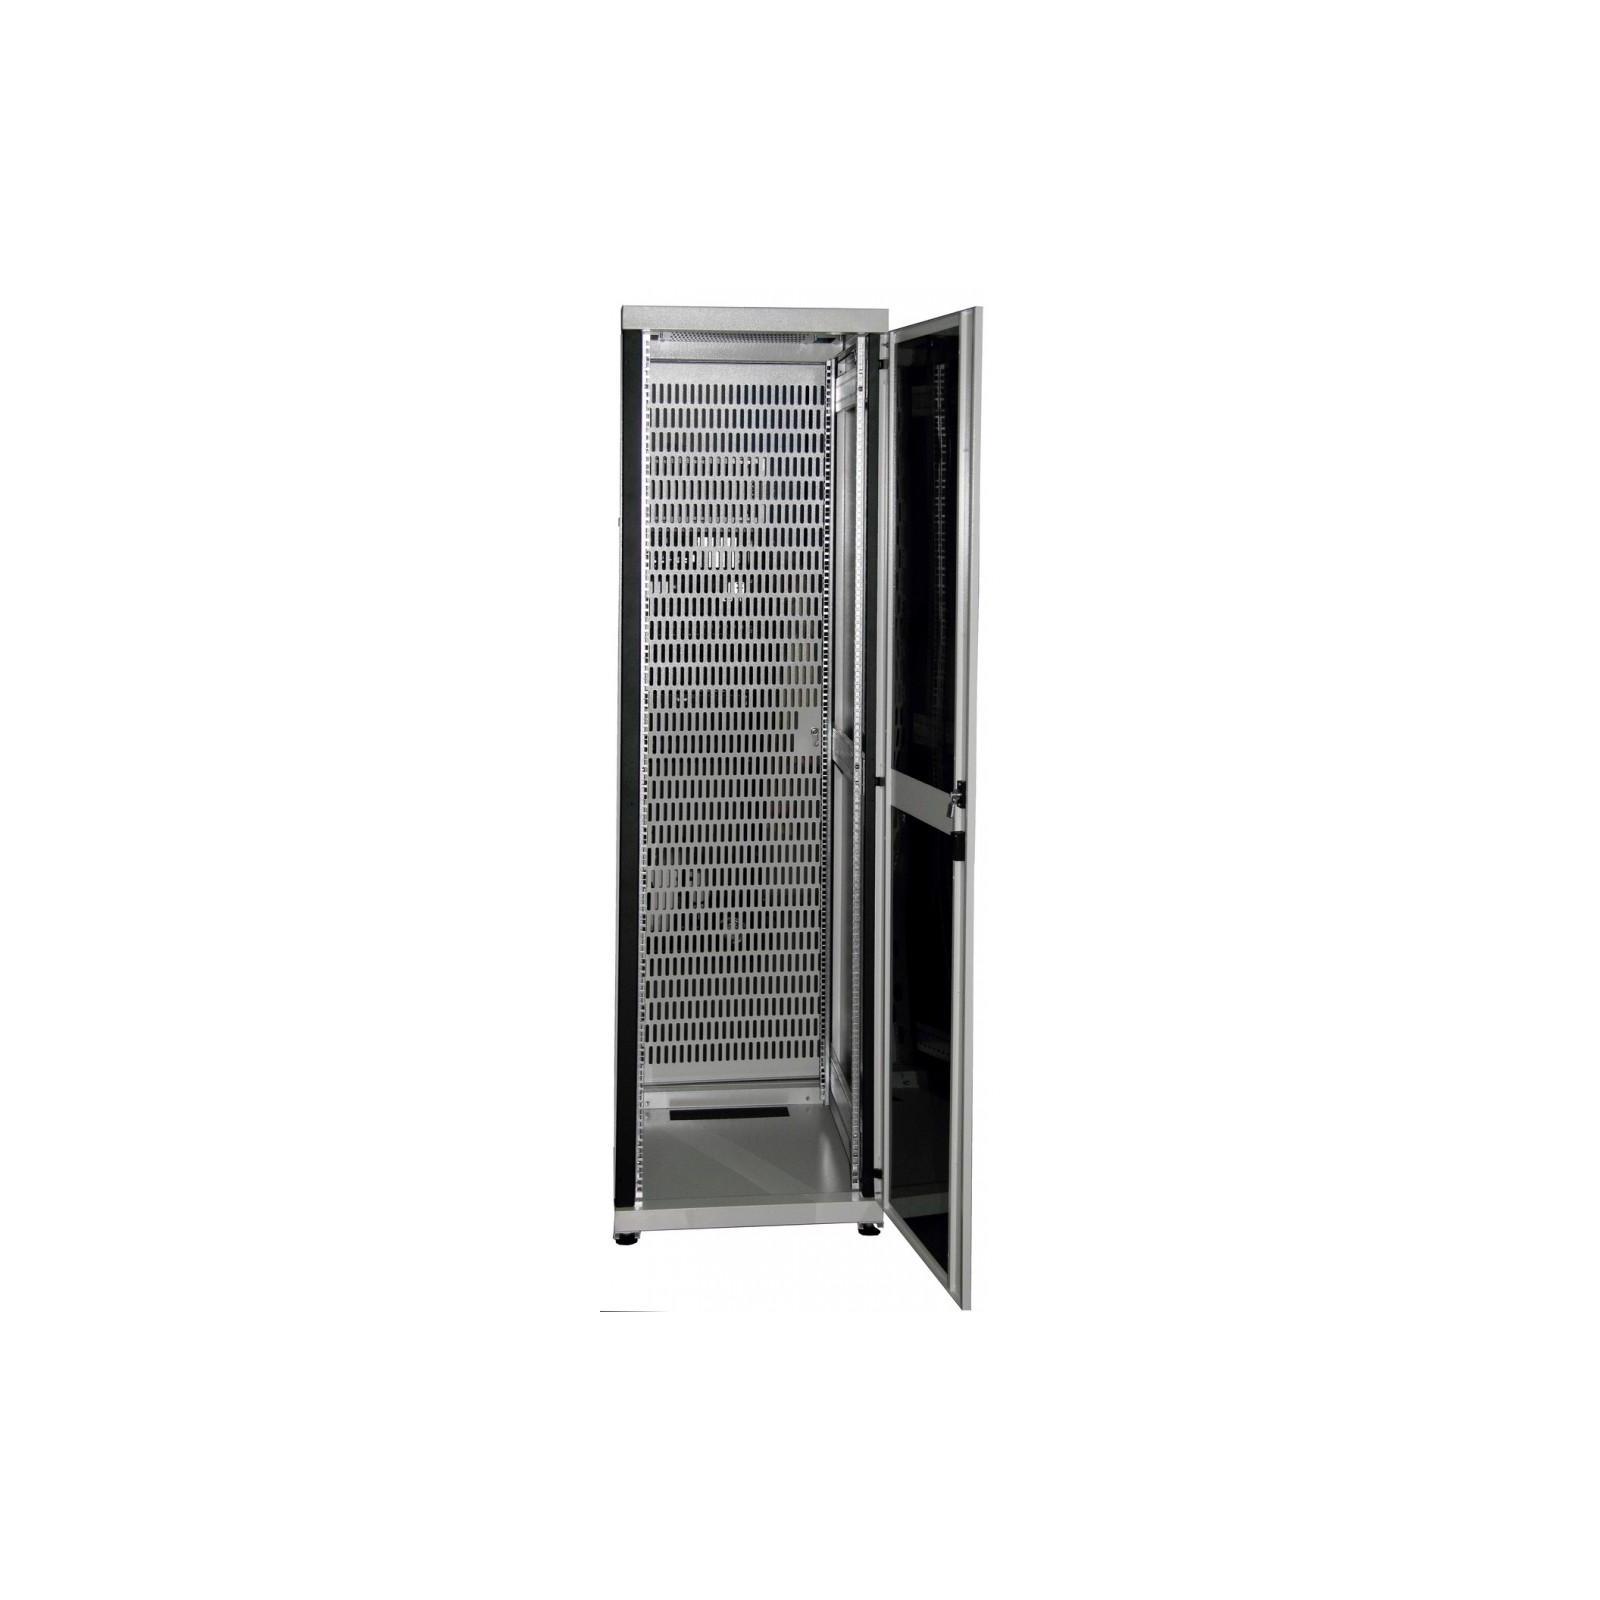 Шкаф напольный CSV 33U Lite Plus 600x600 Perf изображение 4